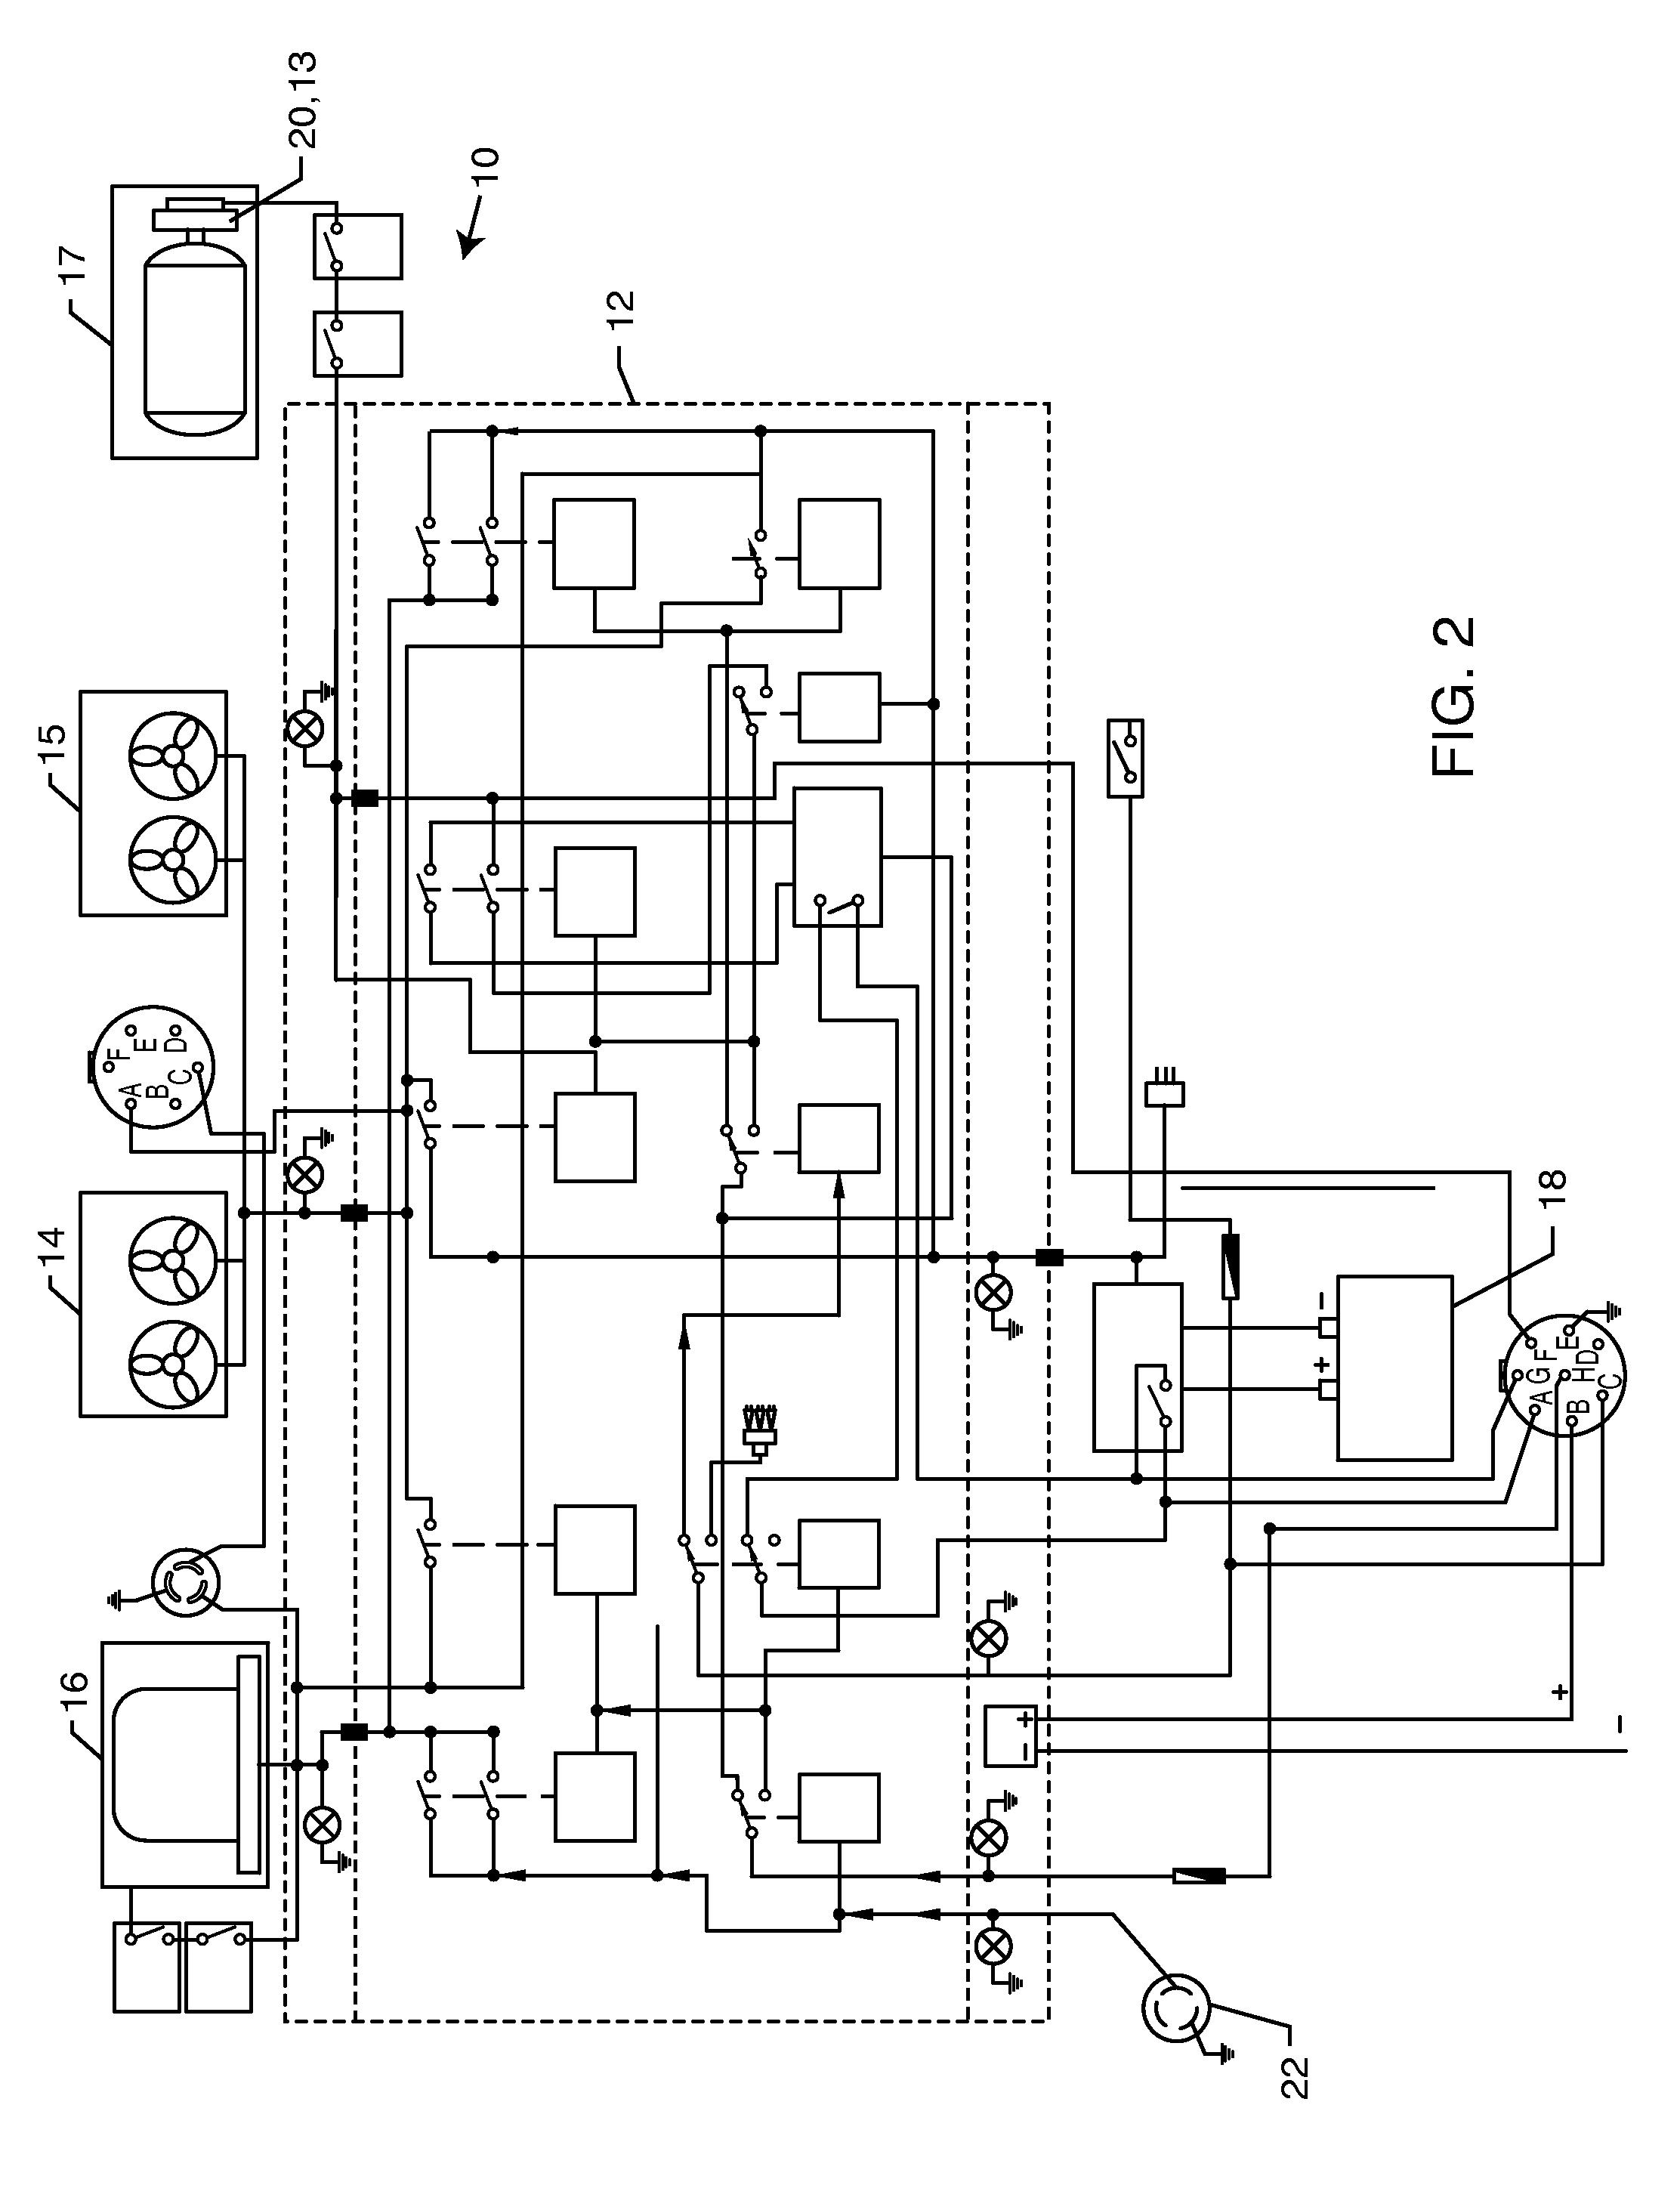 wiring diagram ac split daikin inverter 1972 dodge dart ductless heat pump